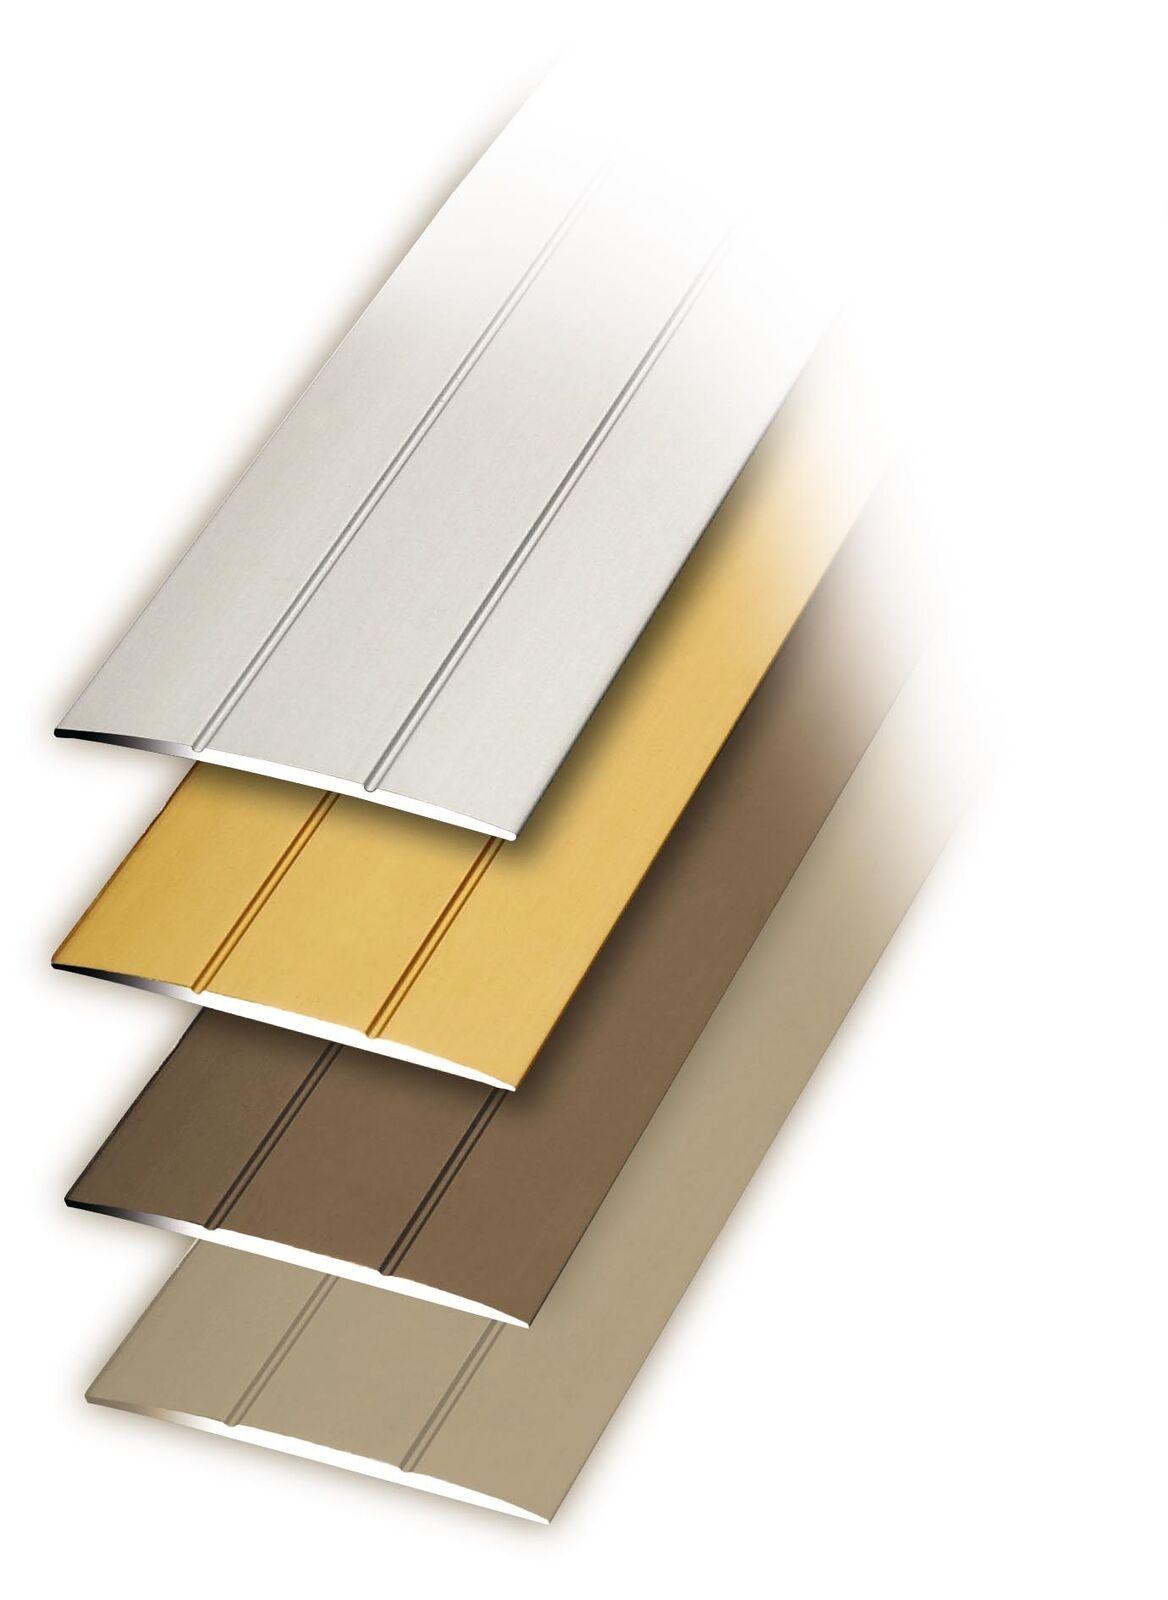 Bodenprofil Übergangsprofil Laminat Profil selbstklebend 100x3,8 cm Alu Farben